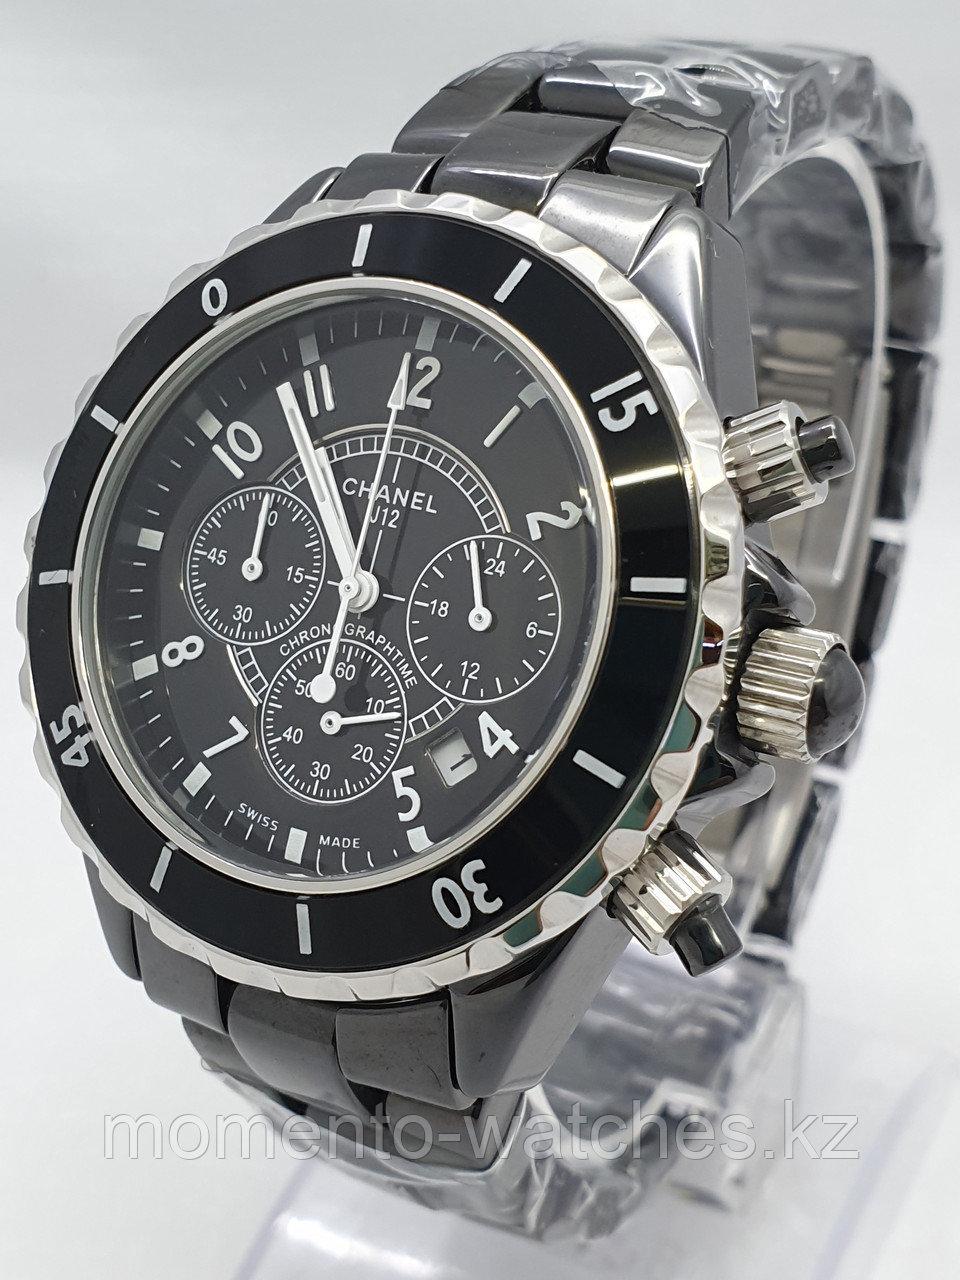 Унисекс часы Chanel Chronograph